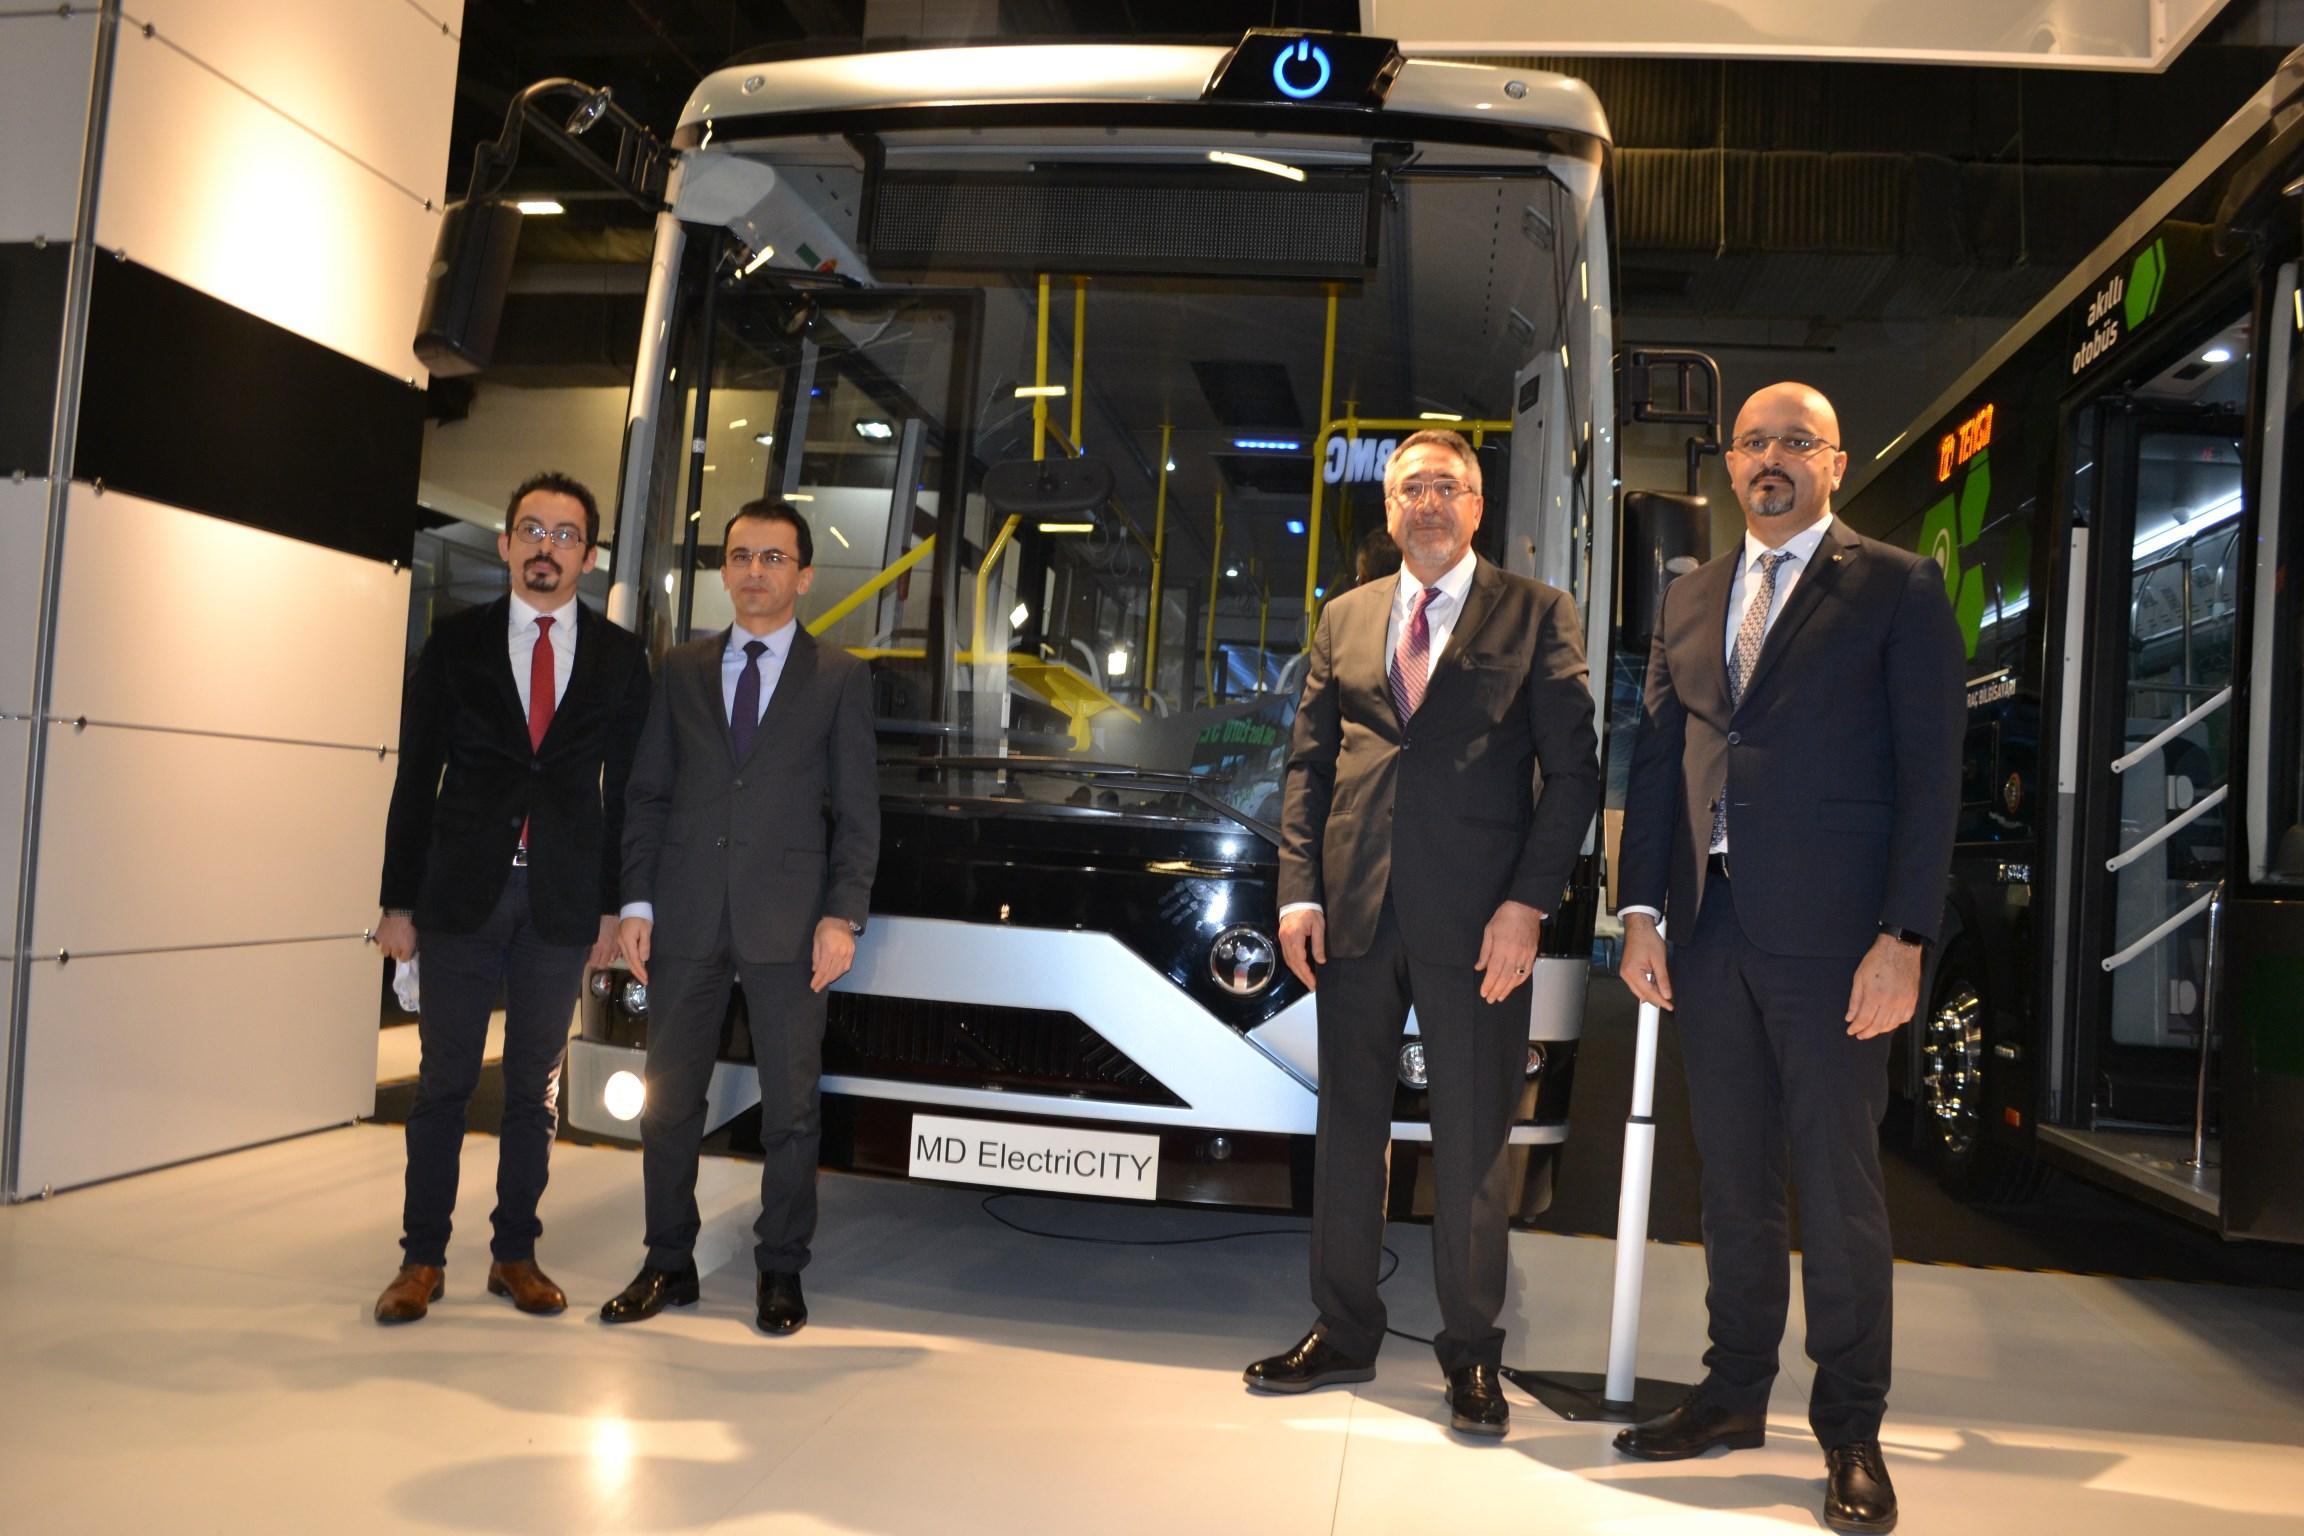 Kent İçi Ulaşım Yeni Teknolojilerle Donatılan 4 Otobüse Kavuştu